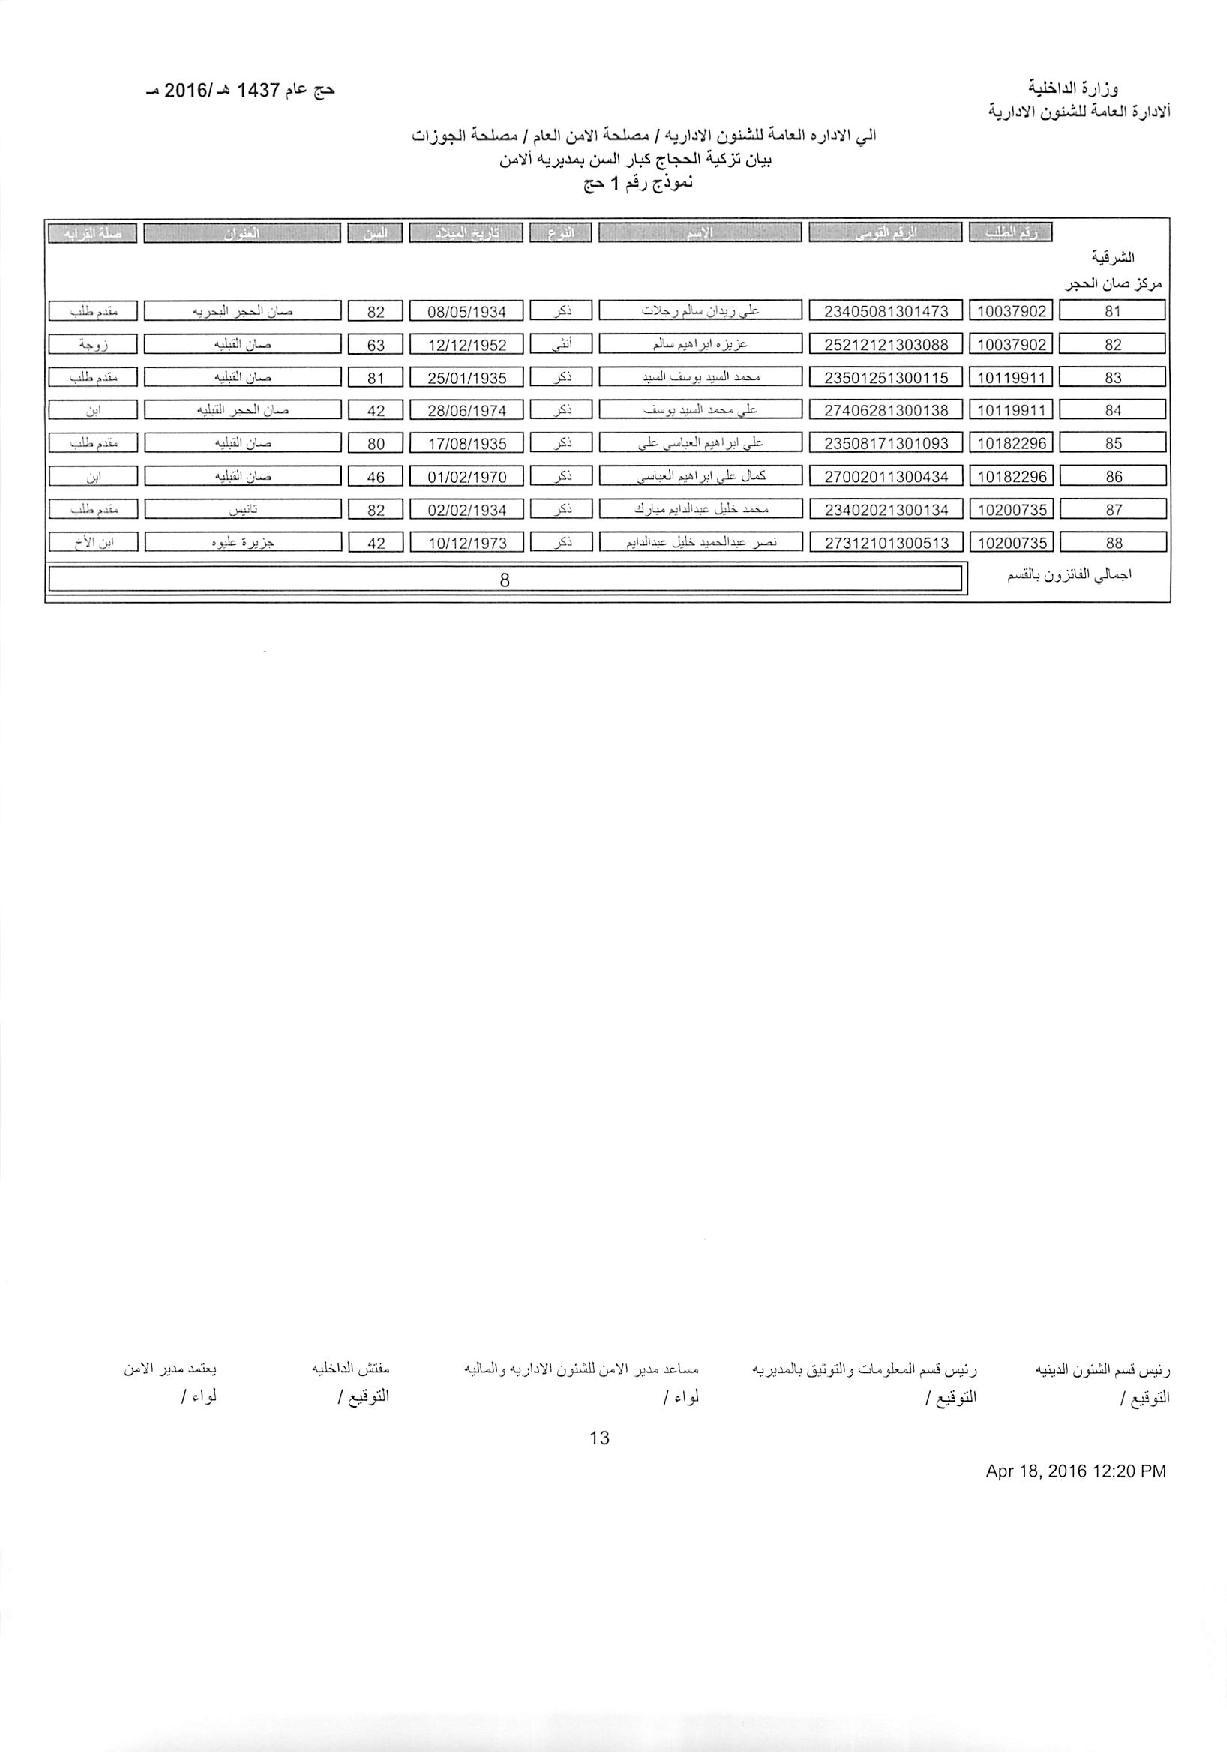 اسماء الحجاج الفائزون بالقرعة لعام 1437هـ 2016م (15)